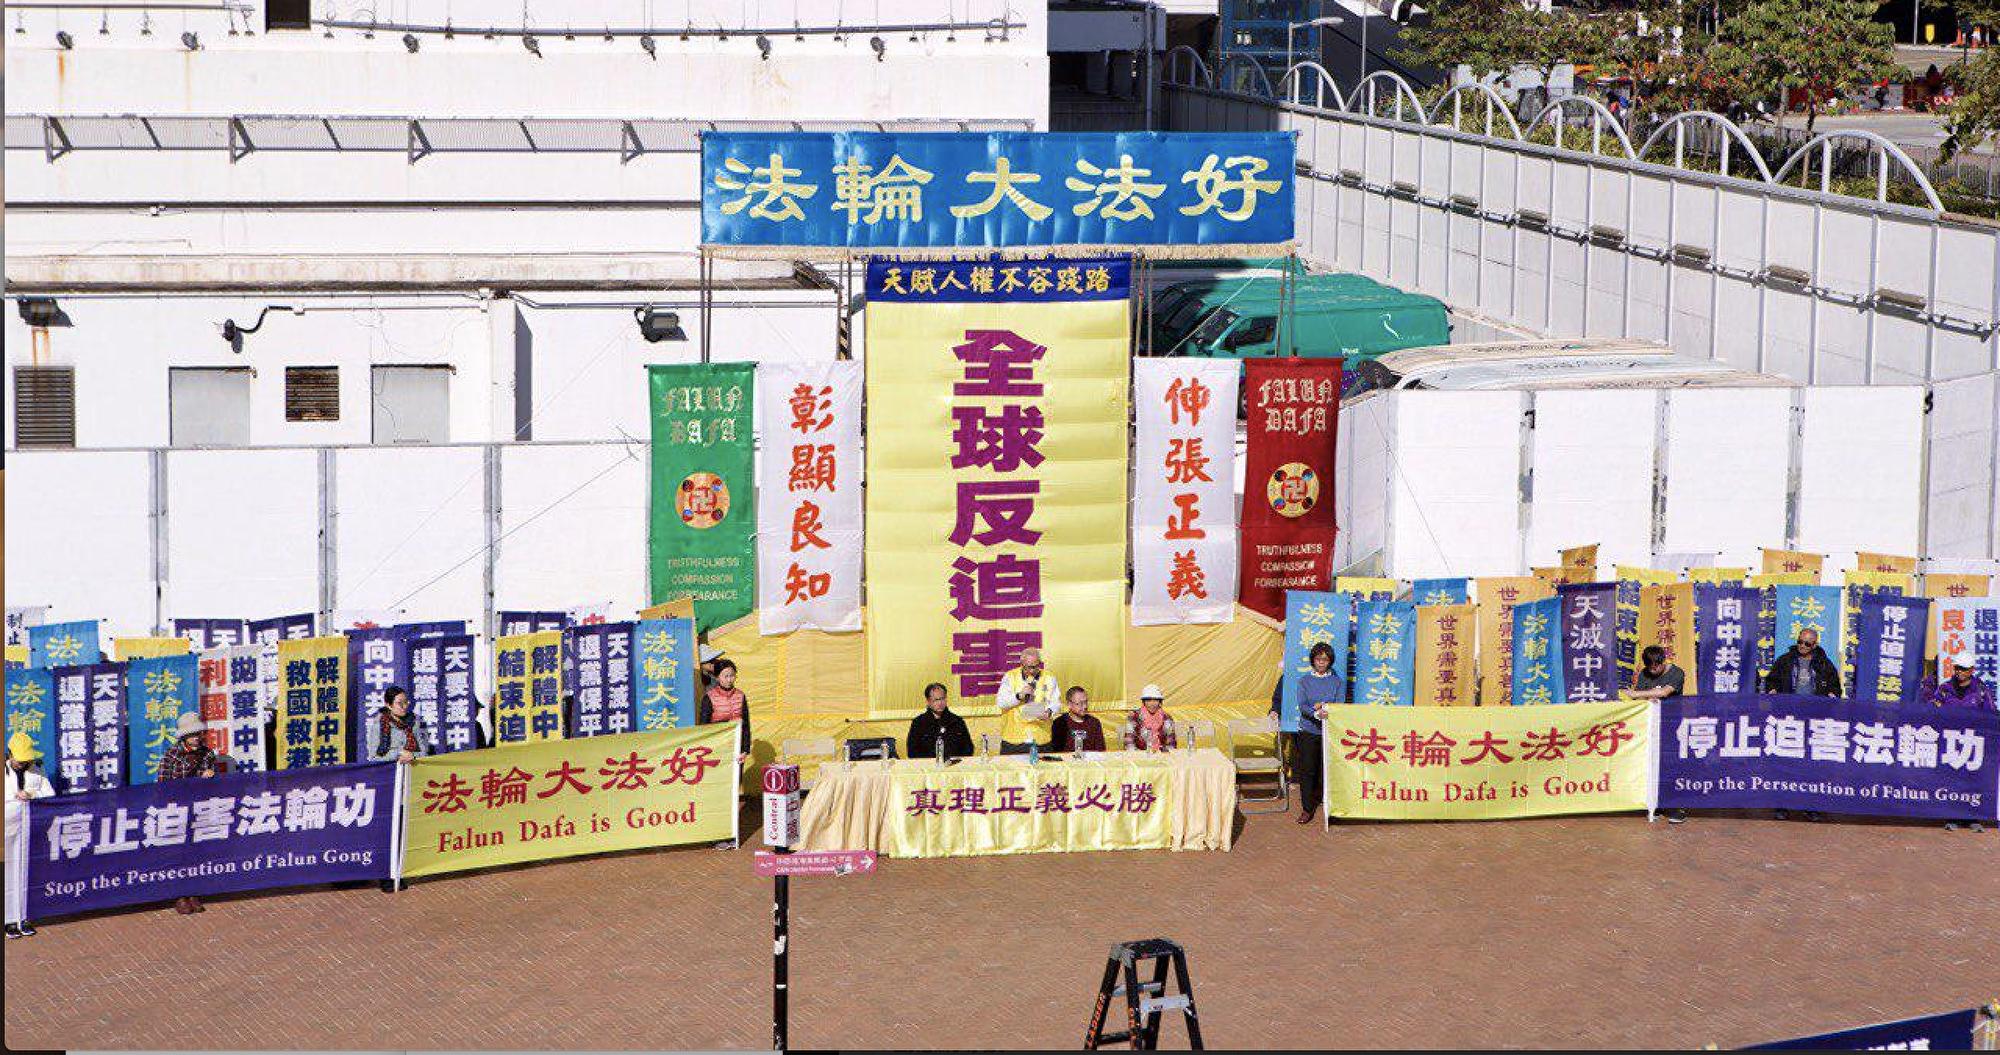 12月8日,香港法輪功團體在愛丁堡廣場舉行反迫害集會。(余剛 / 大紀元)